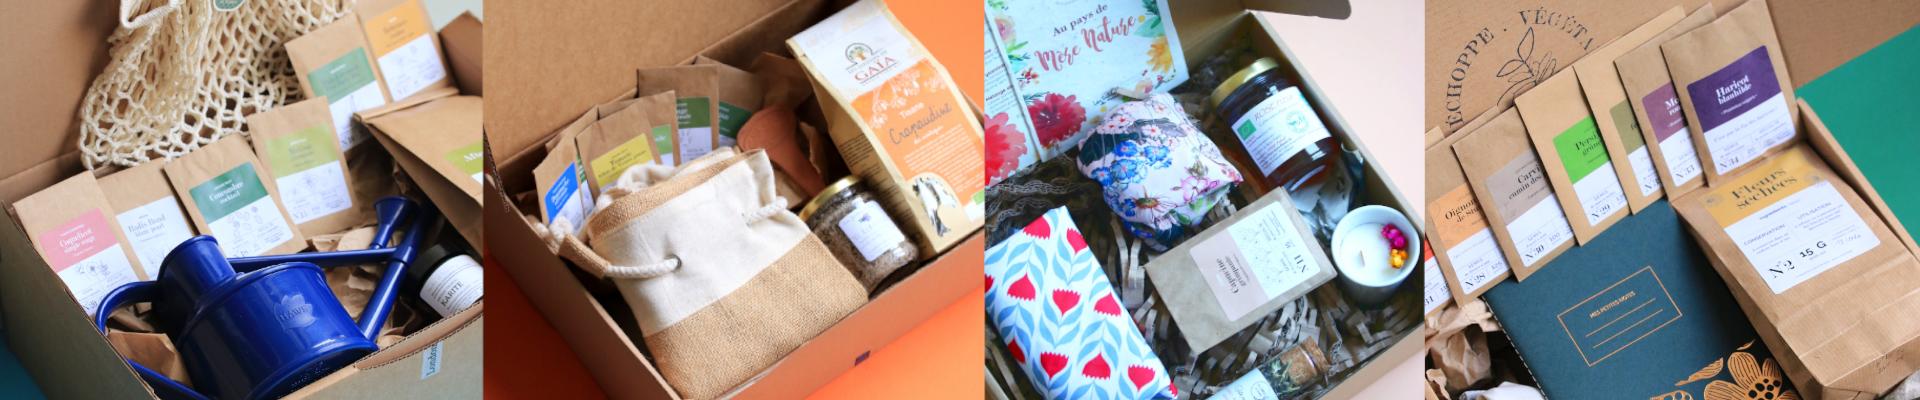 idée cadeau, box jardinage par abonnement